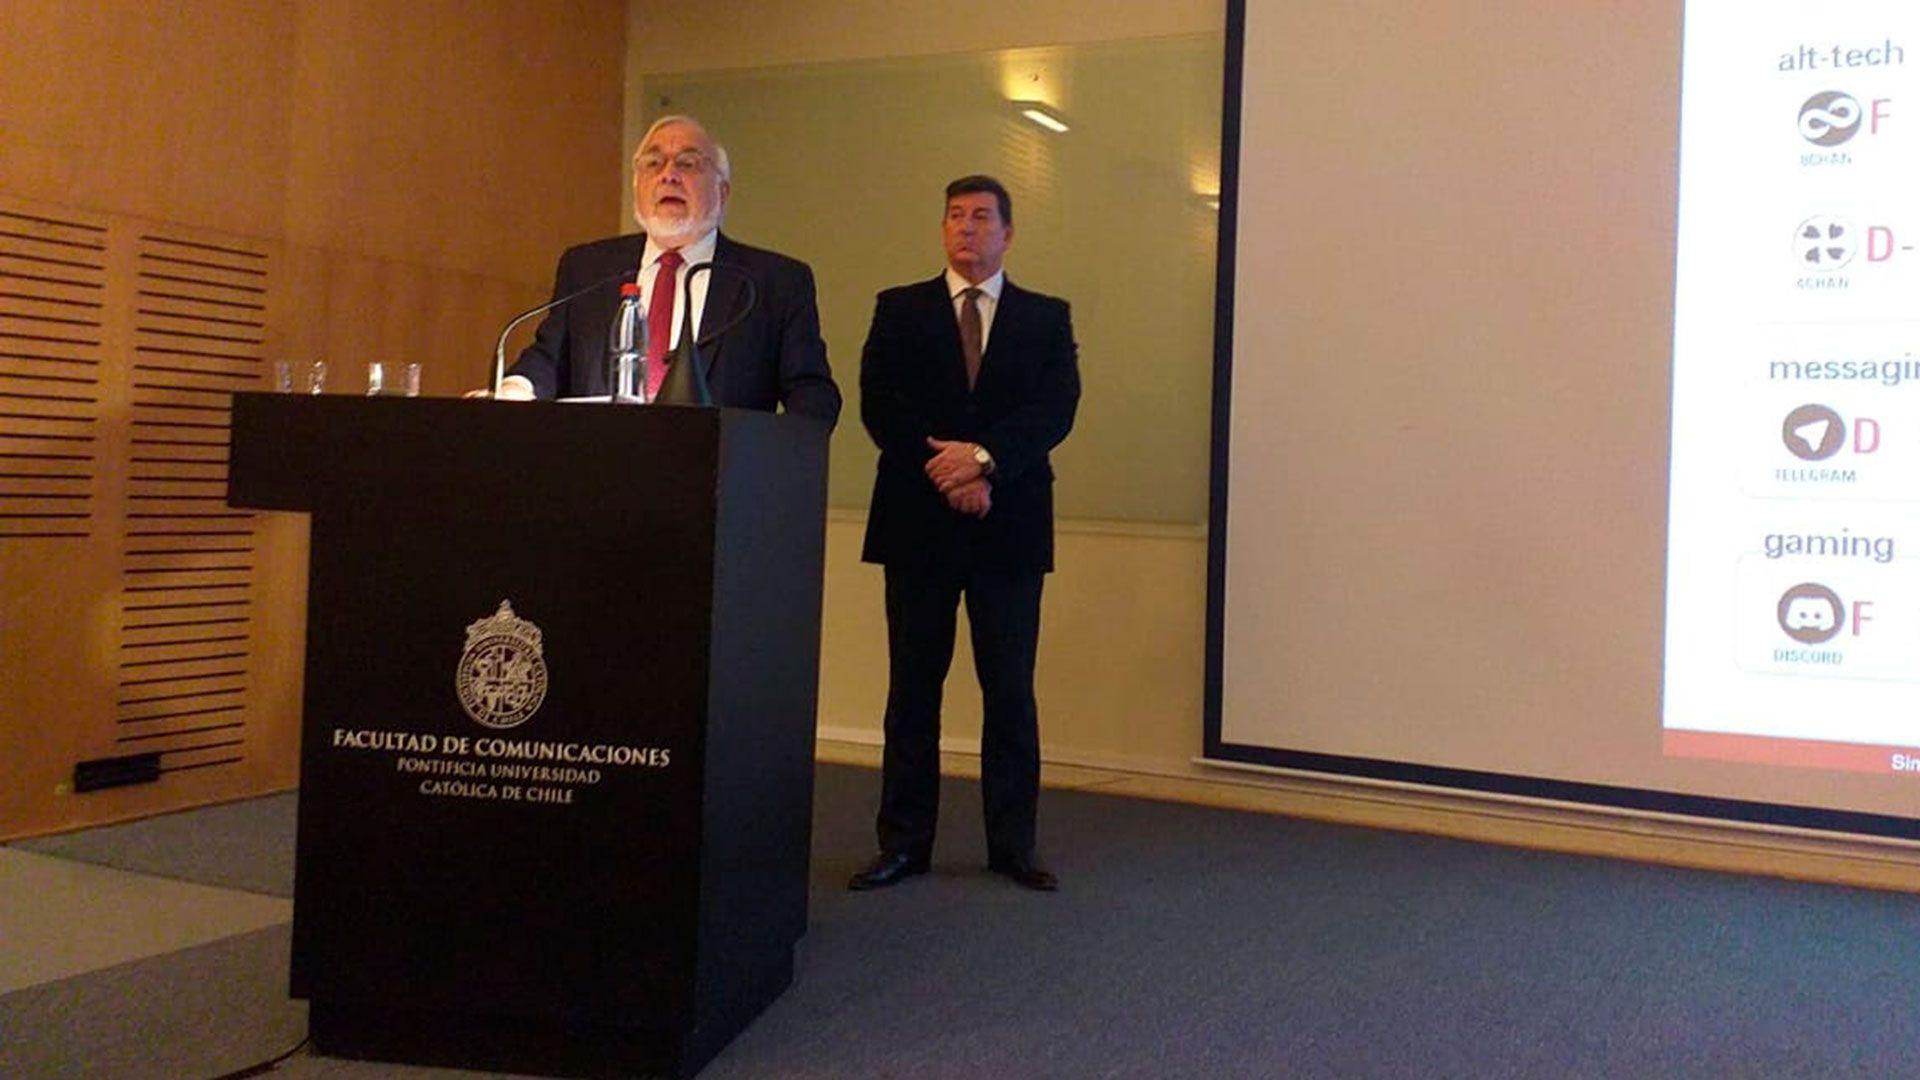 El rabino Abraham Cooper y Dr. Ariel Gelblung durante una actividad en Chile